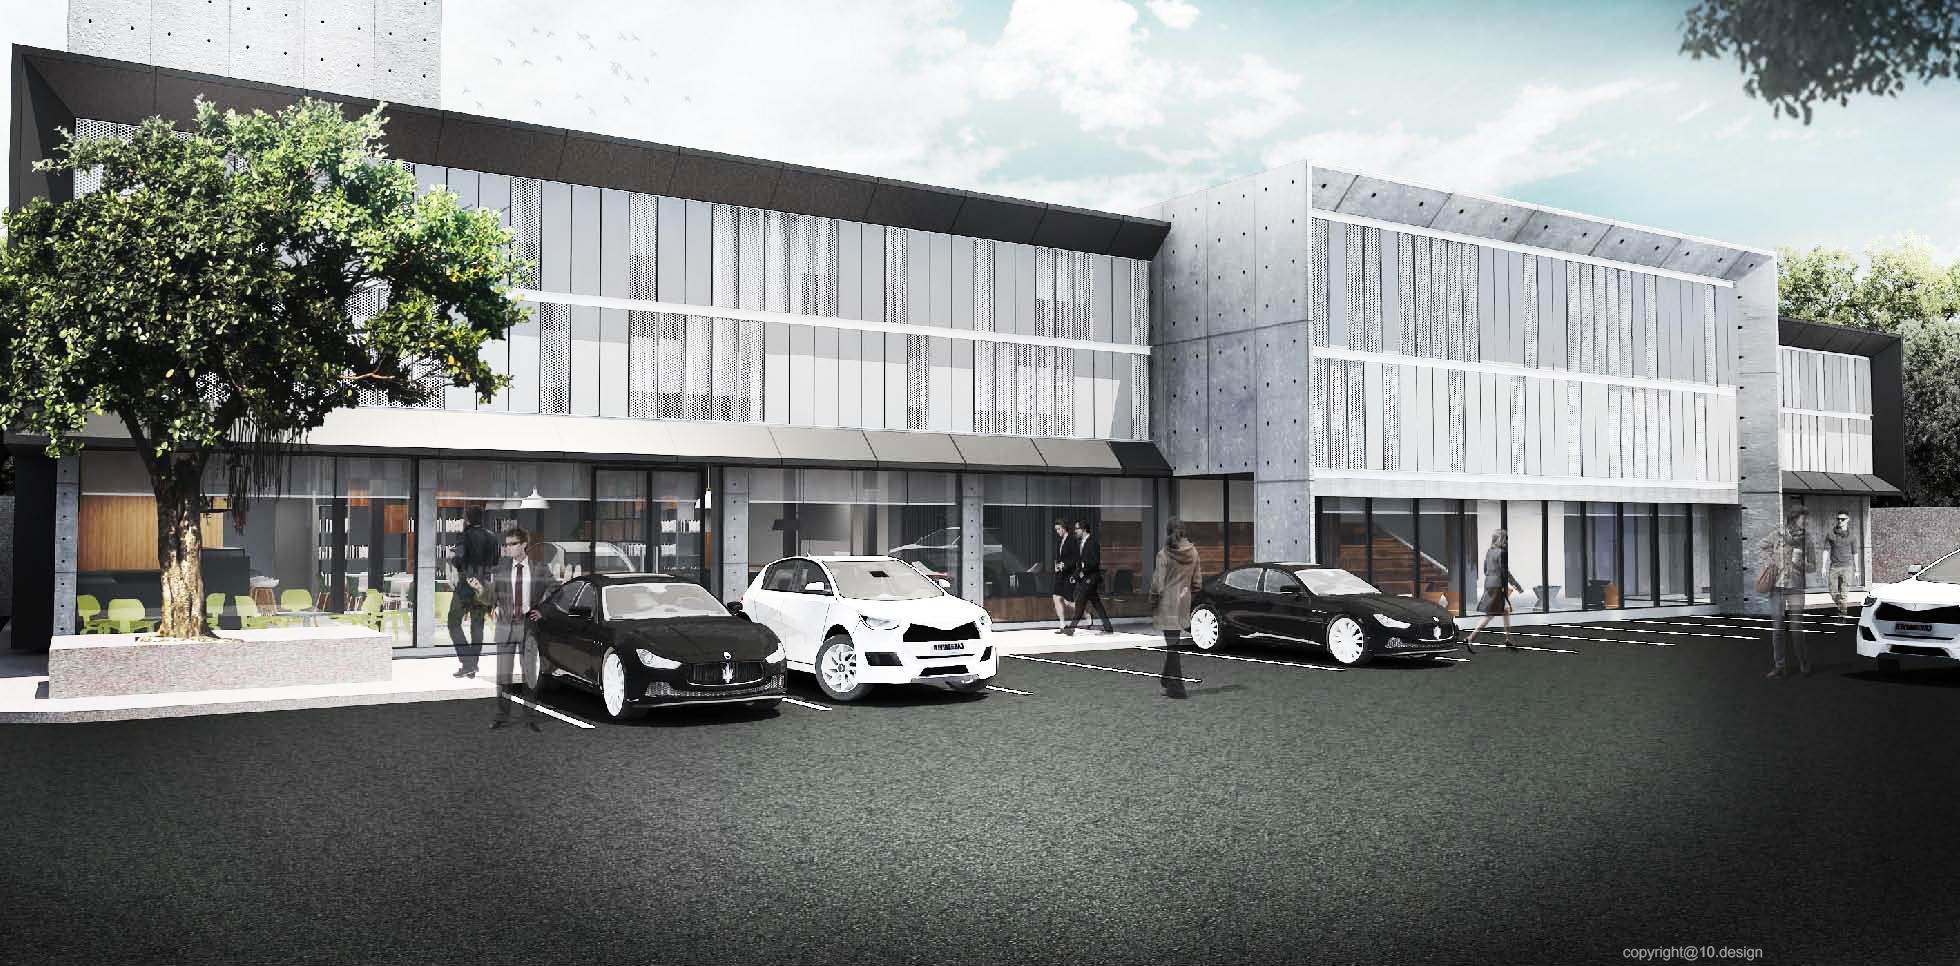 Chanwanich building renavation 10design architecture skin facade concrete scheme 02